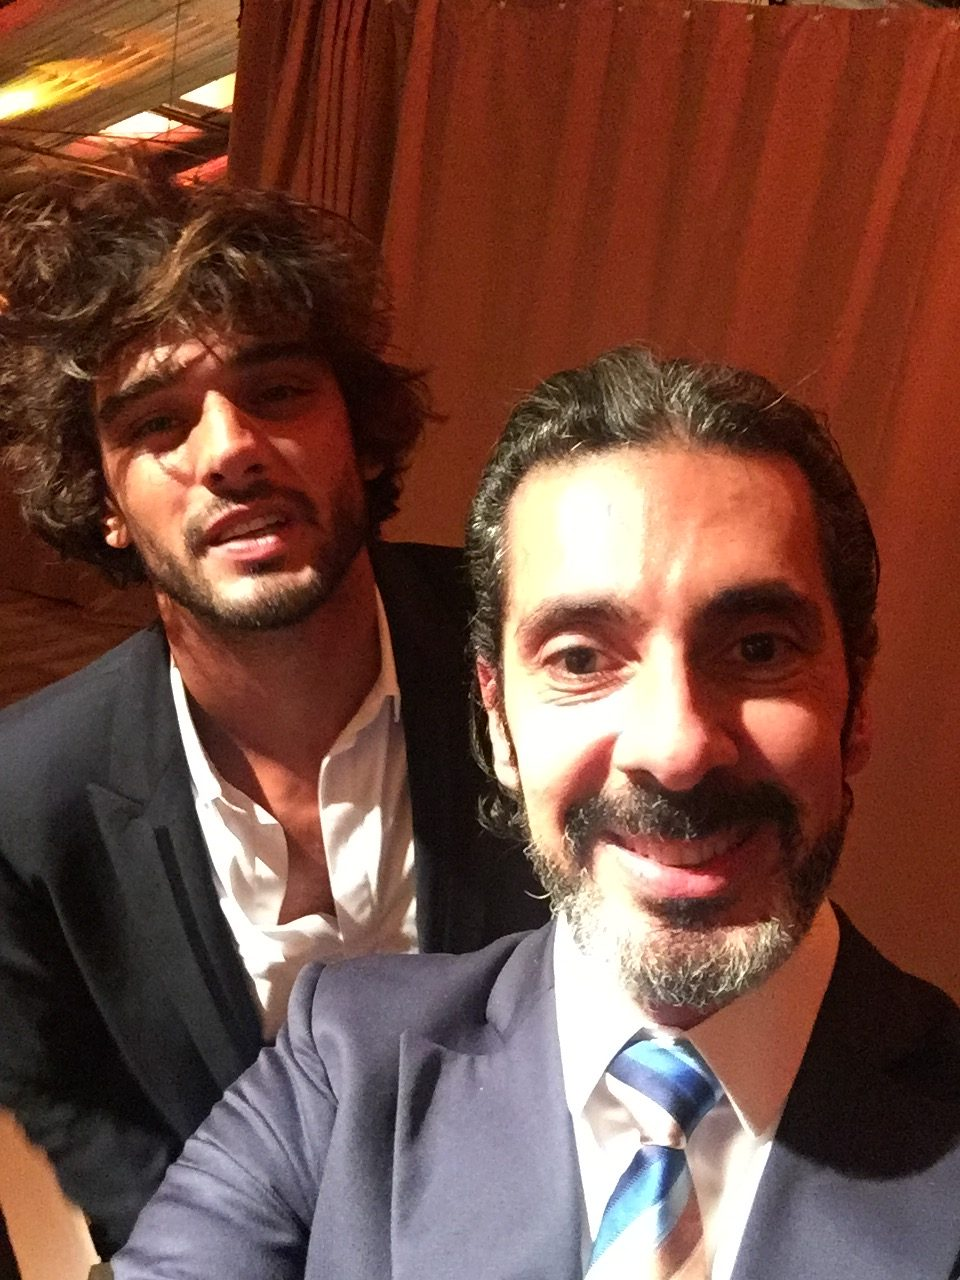 img 9694 e1498141644121 - Jantar em Florença com Montblanc e Hugh Jackman (Wolverine/Logan)